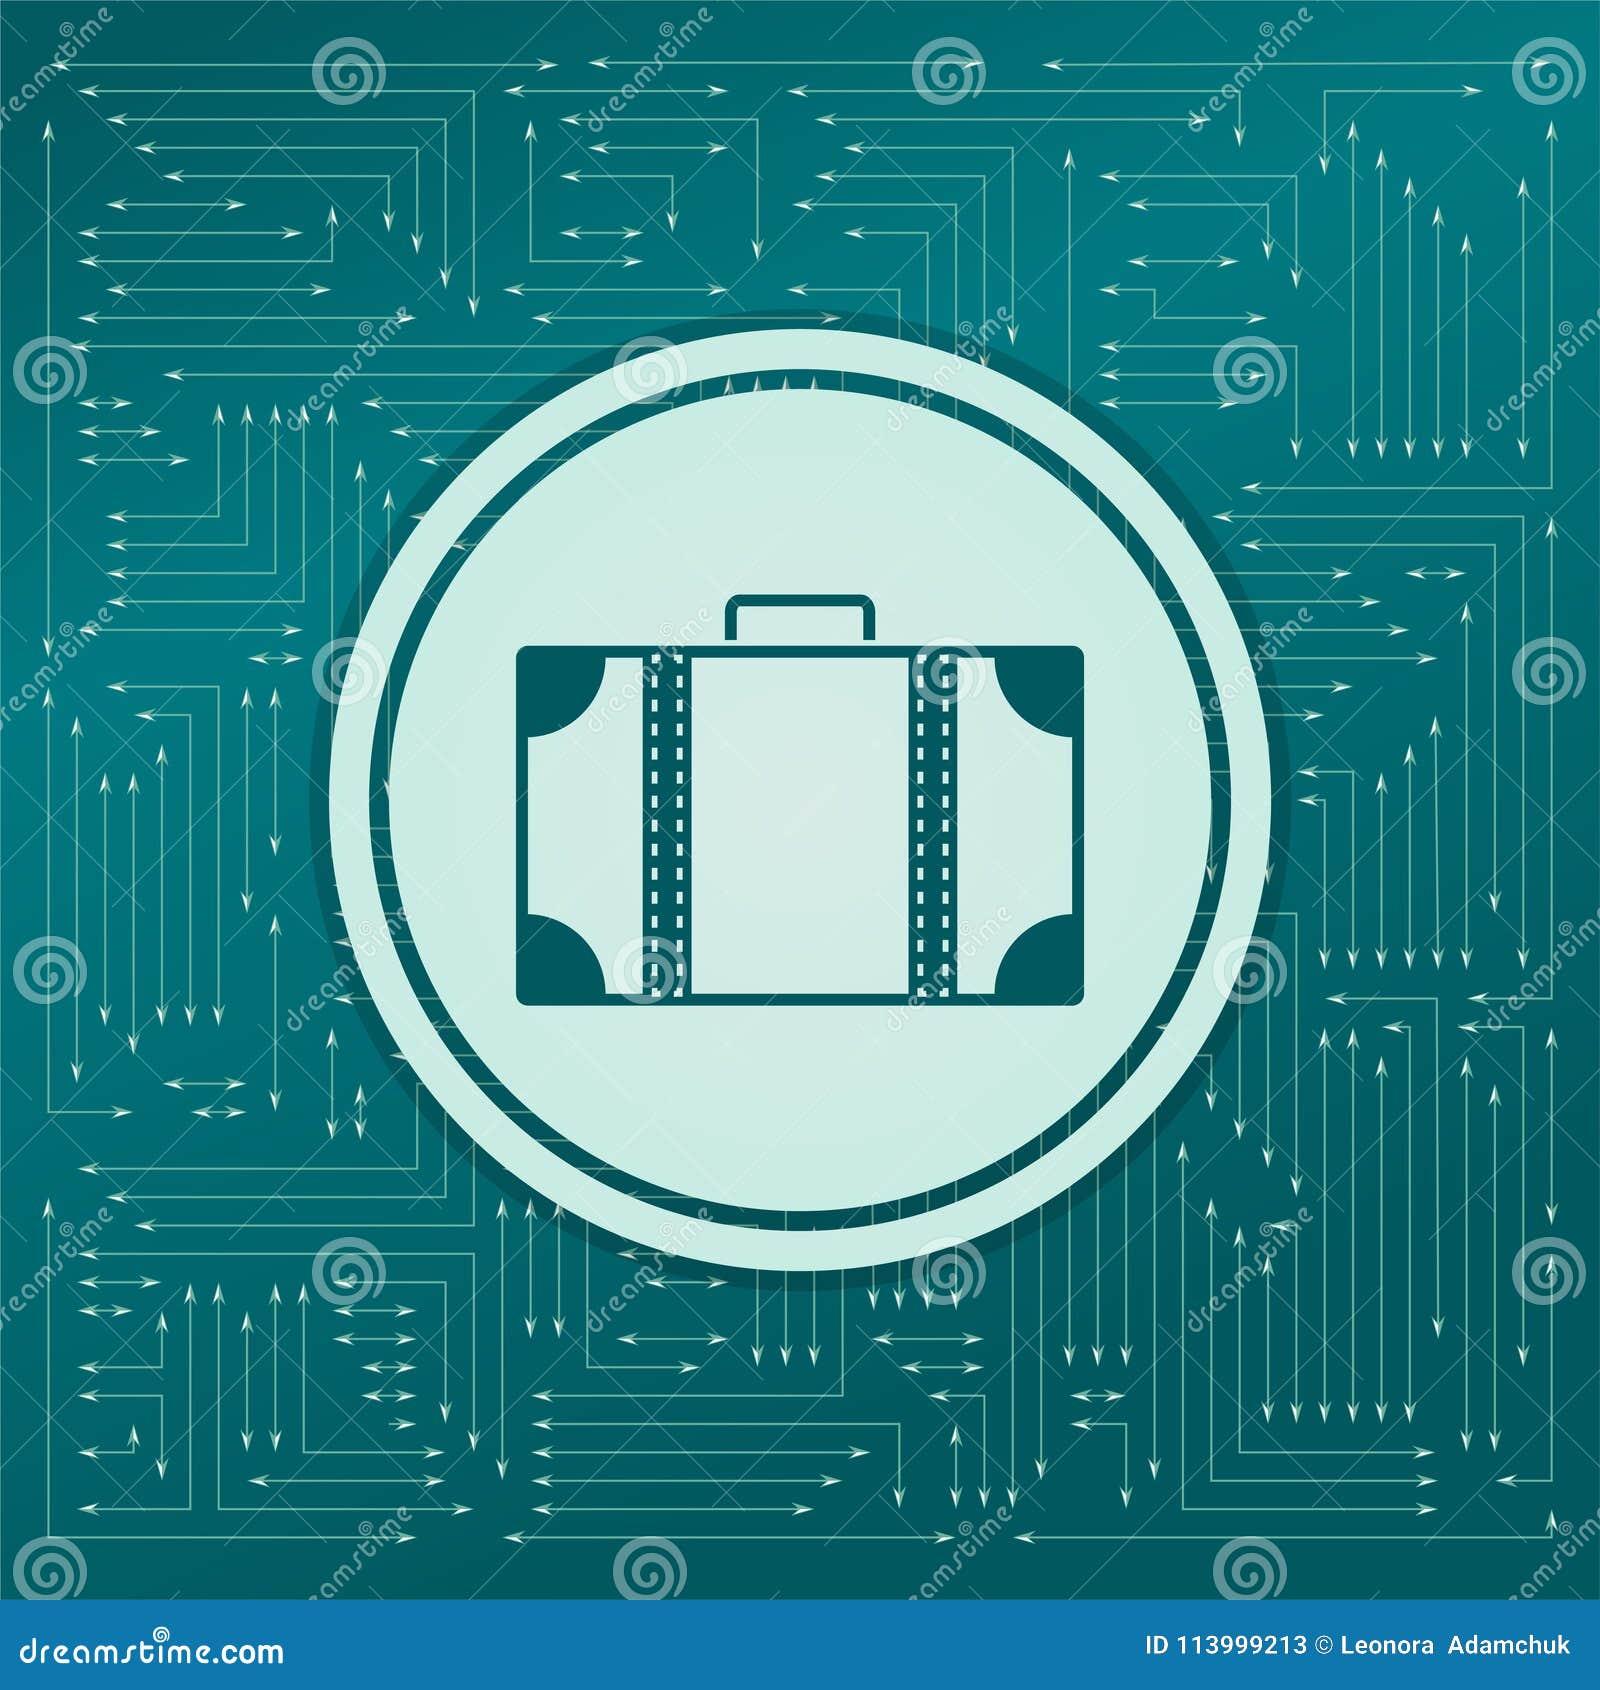 Ícone da bagagem em um fundo verde, com as setas em sentidos diferentes Aparece na placa eletrônica